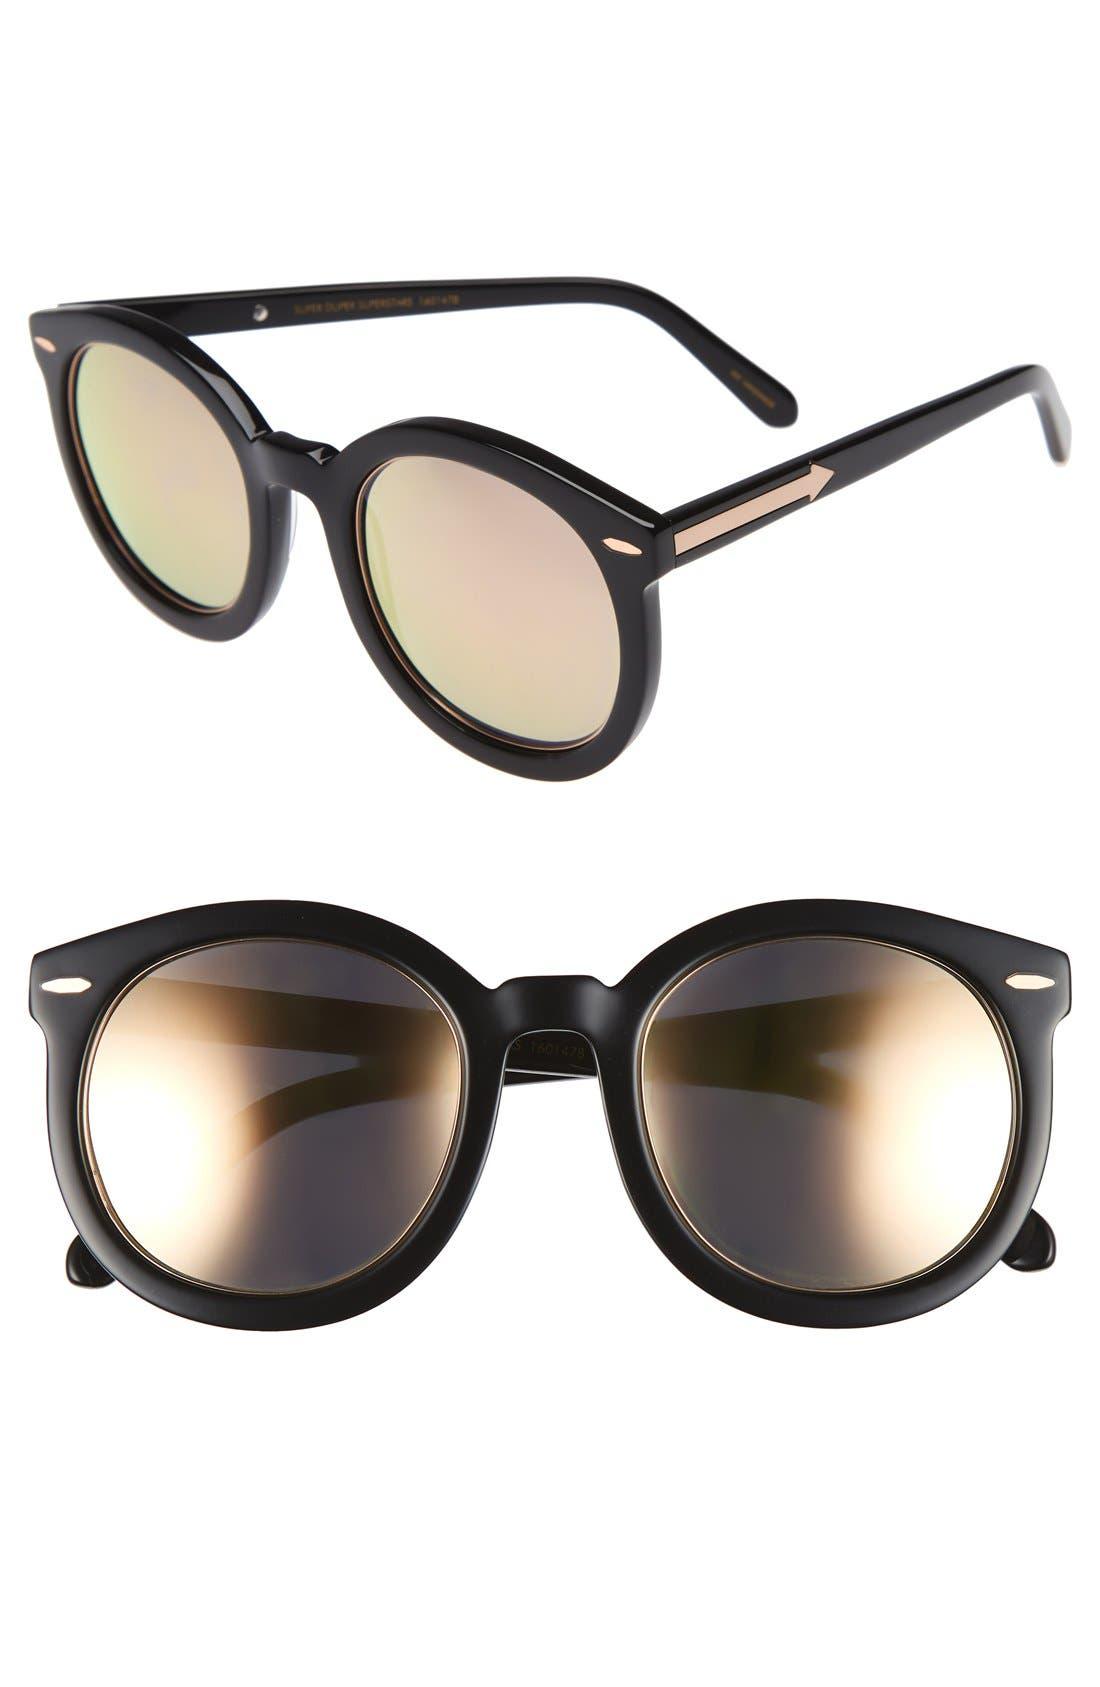 Alternate Image 1 Selected - Karen Walker 'Super Duper Superstars' 53mm Sunglasses